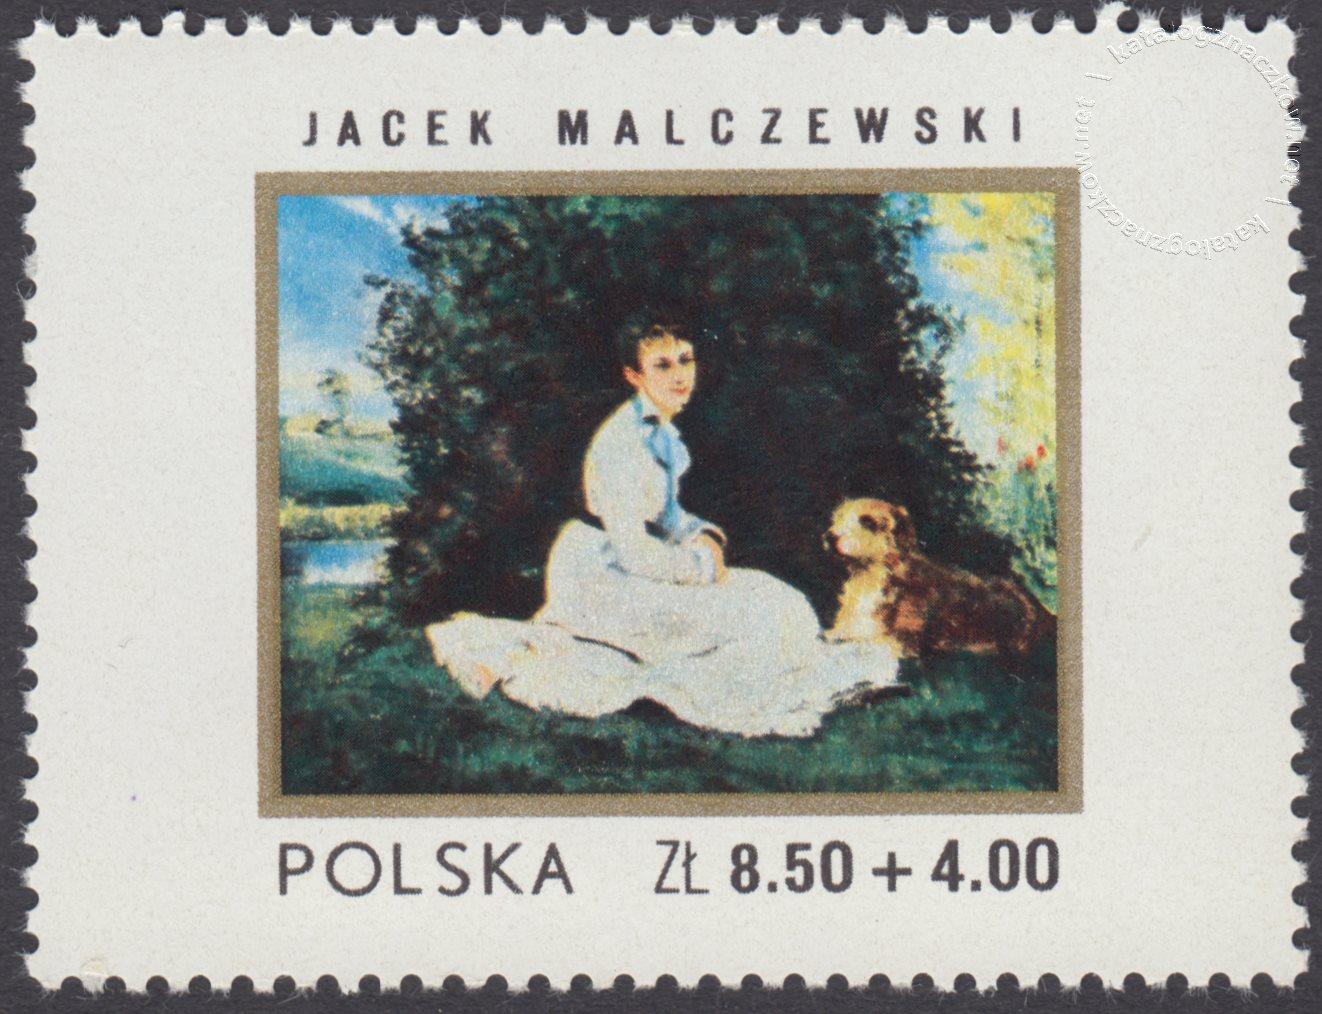 Dzień znaczka znaczek nr 2042